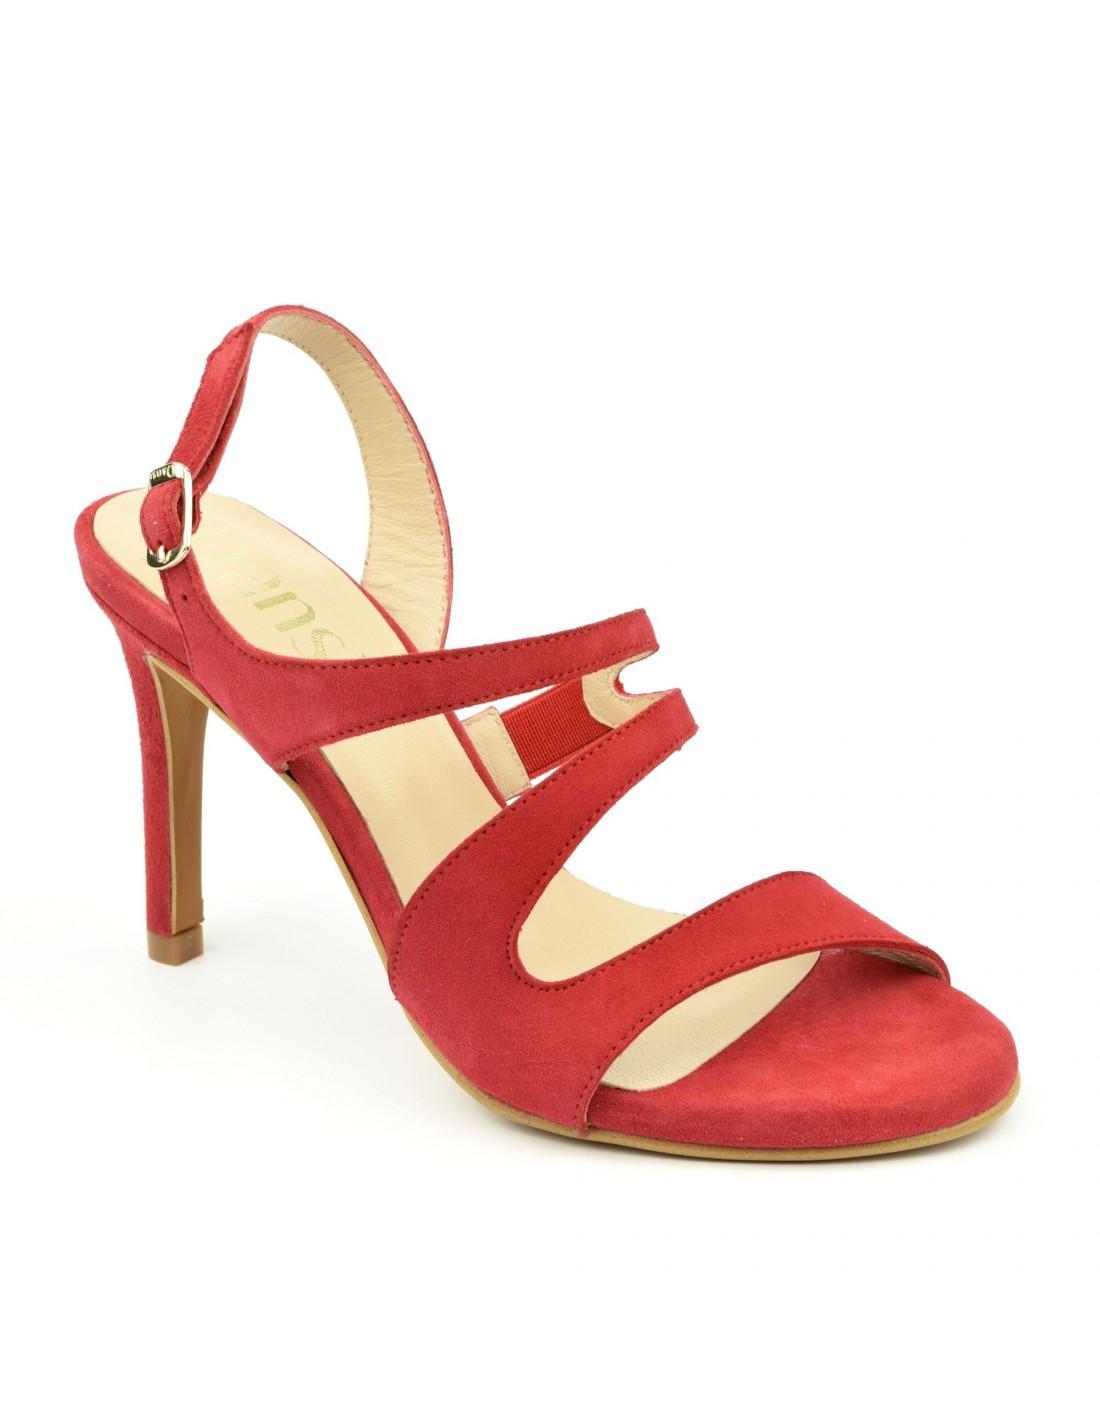 Sandales tendances, hauts talons fins, cuir daim rouge, 1506, Dansi